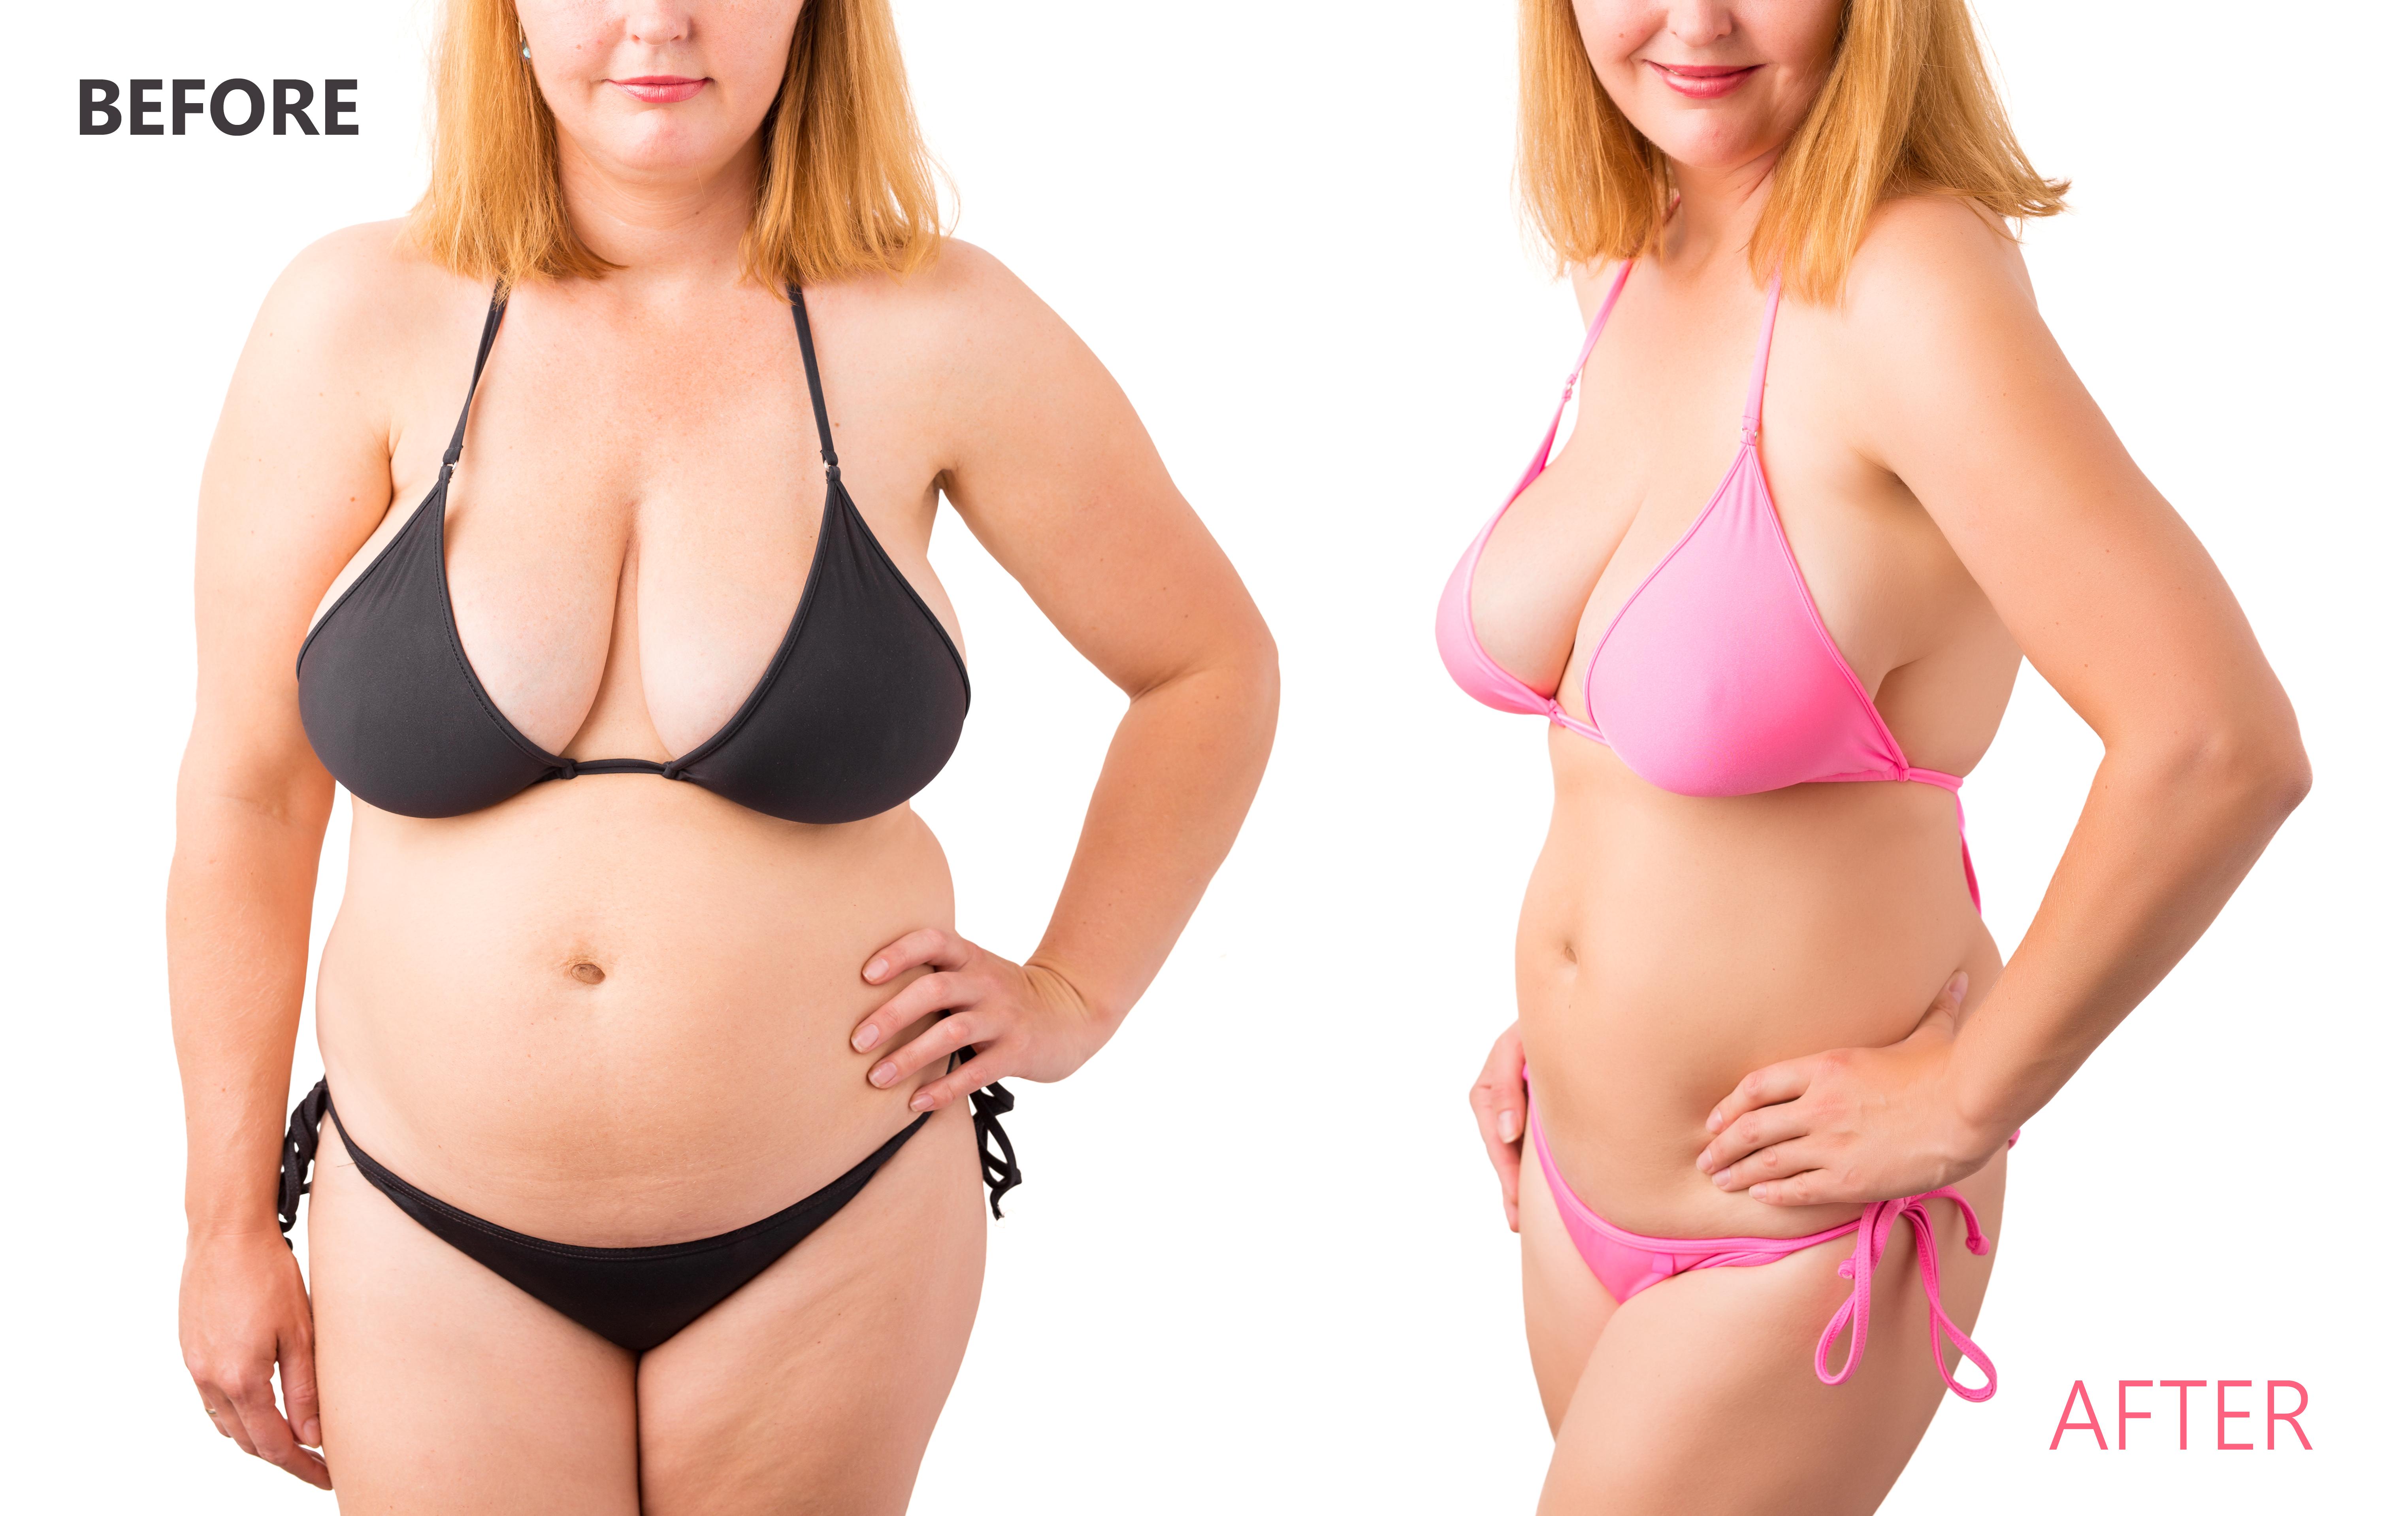 Hogyan lehet 15 kilót fogyni? - Fogyókúra | Femina